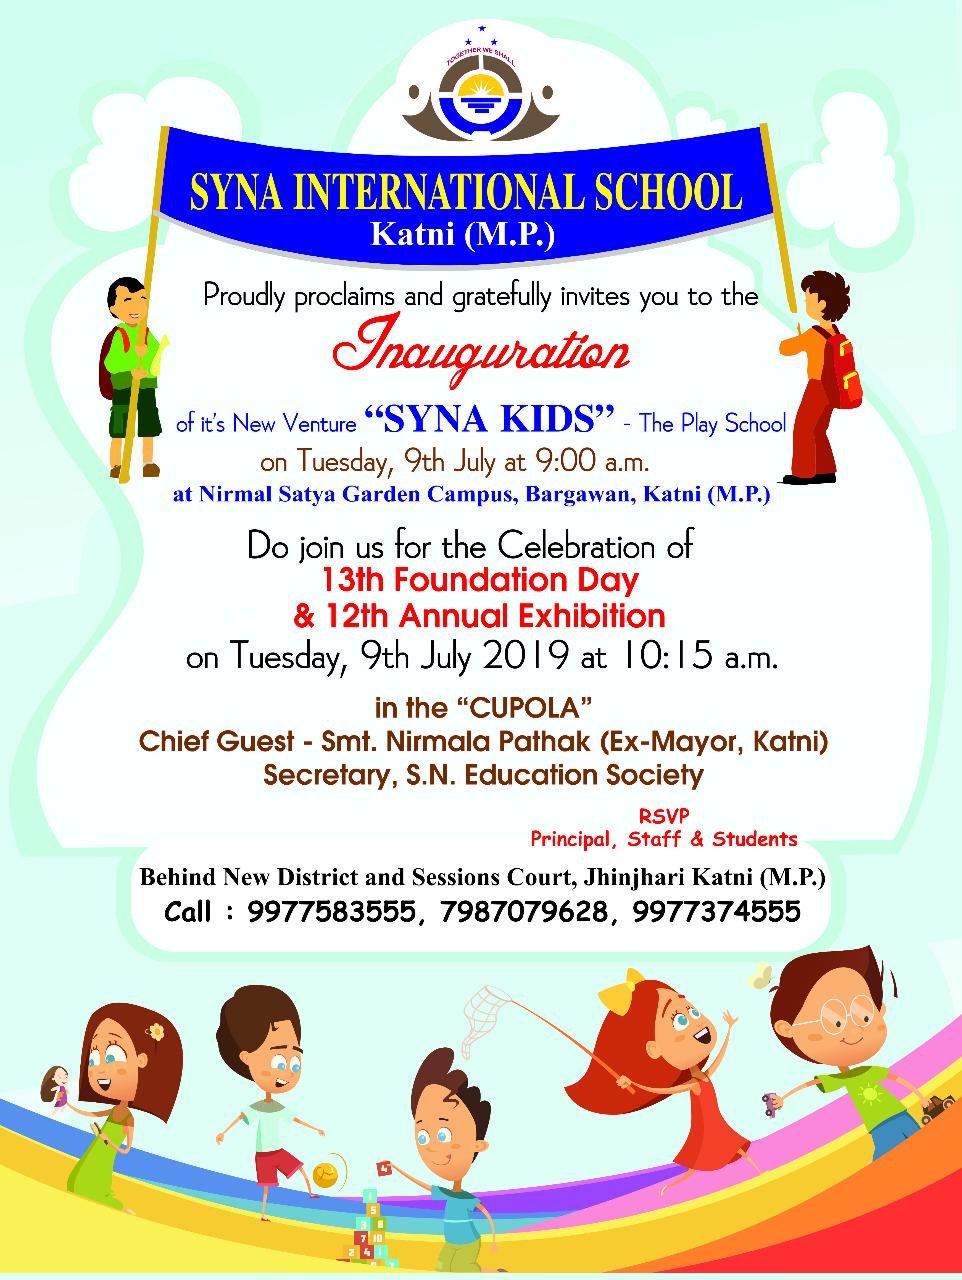 12th annual exhibition  u2013 syna international school  katni